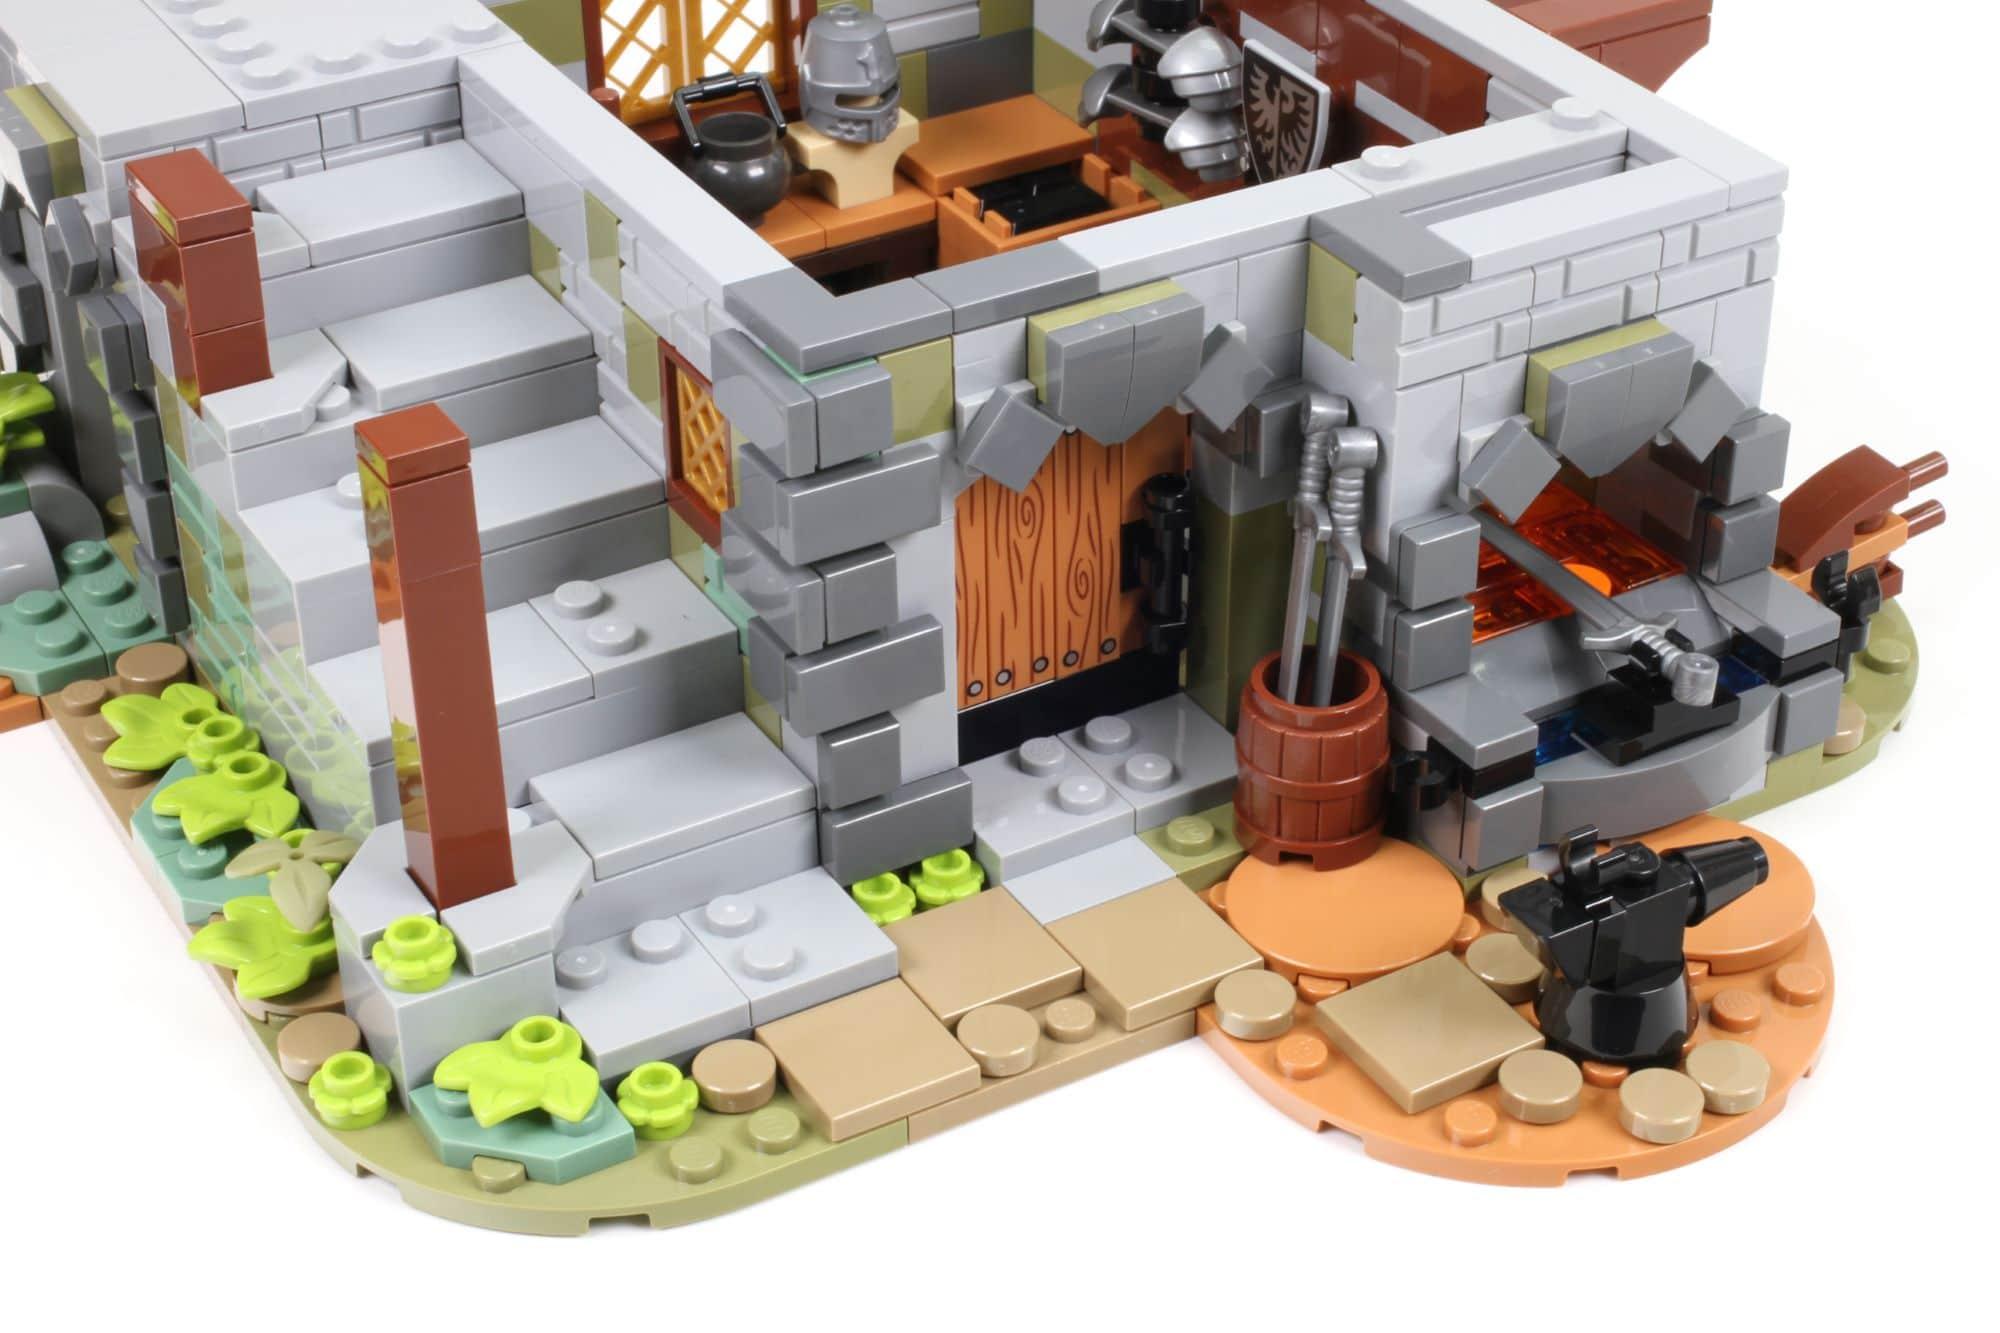 LEGO Ideas 21325 Mittelalterliche Schmiede Bauabschnitt 4 1